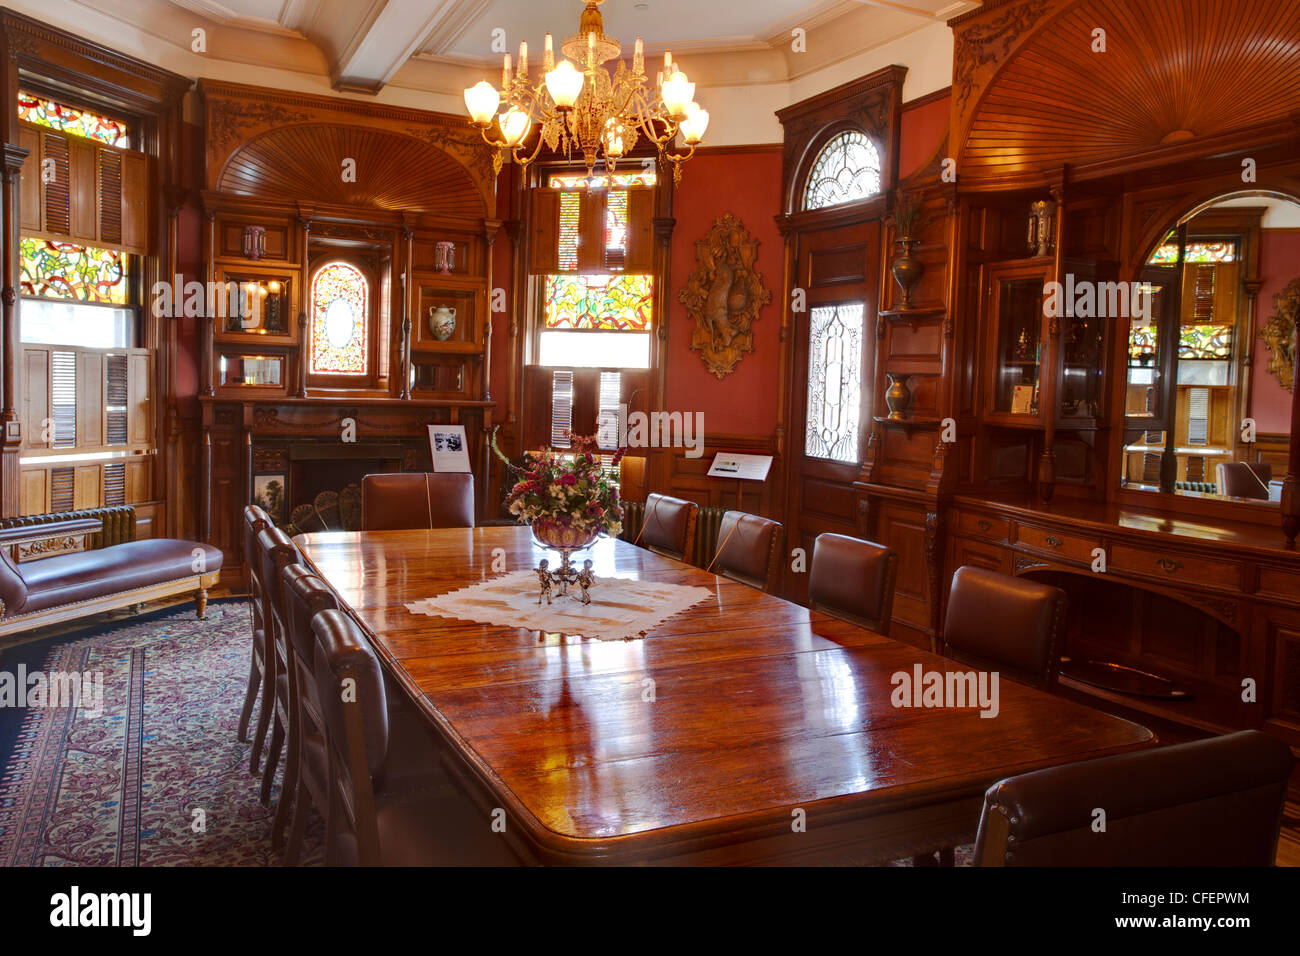 Interior Room Of Craigdarroch Castle Built For Robert